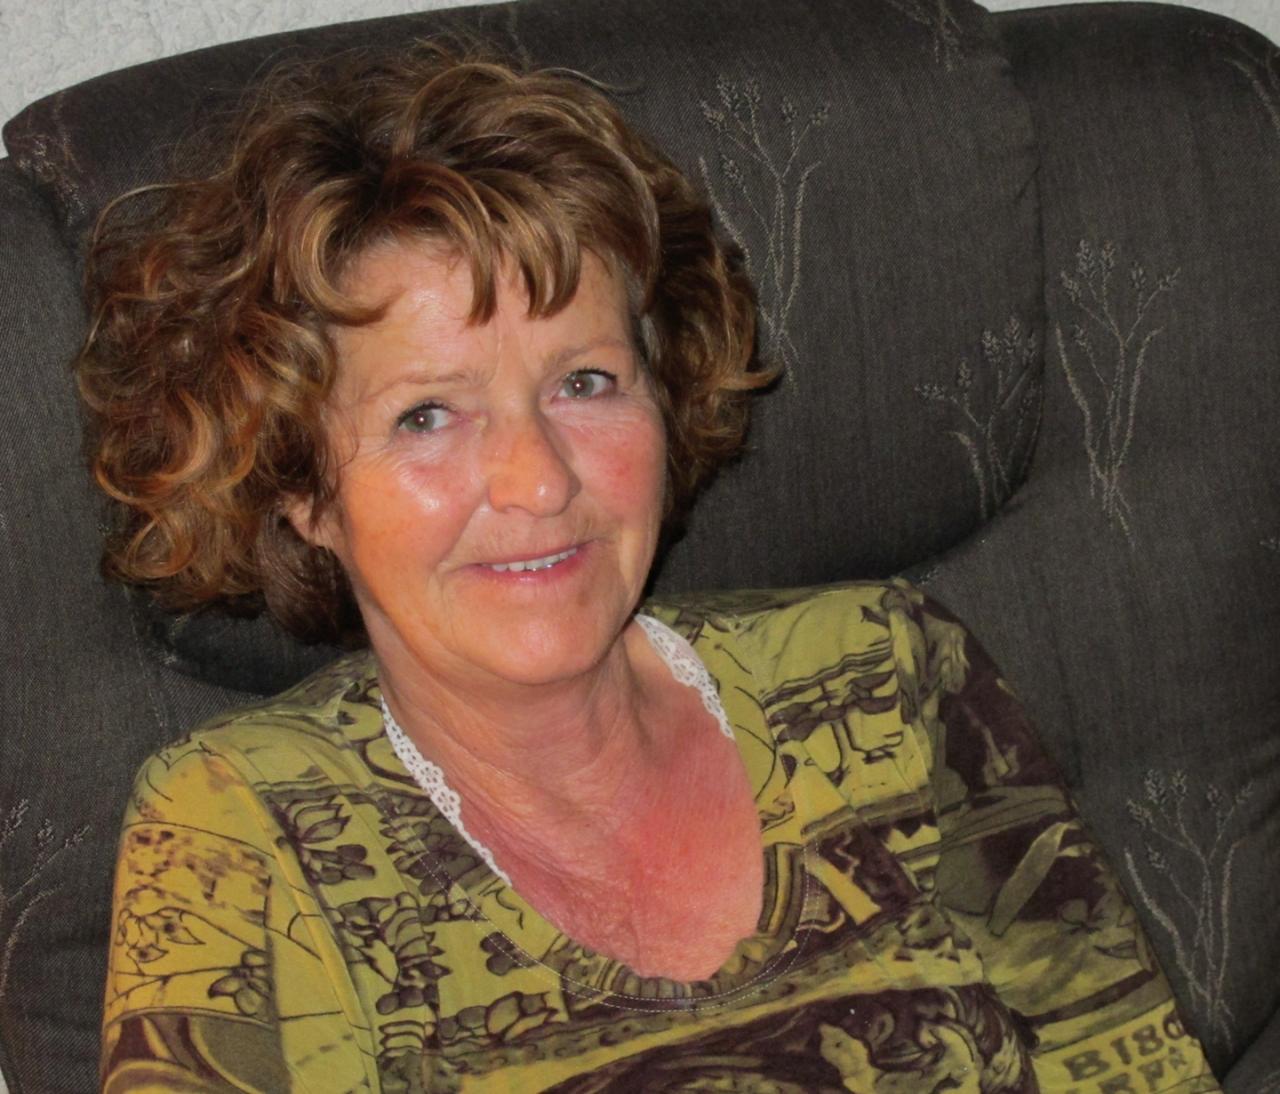 Norvegia, rapita moglie di miliardario: chiesti 9 milioni di riscatto in criptovaluta